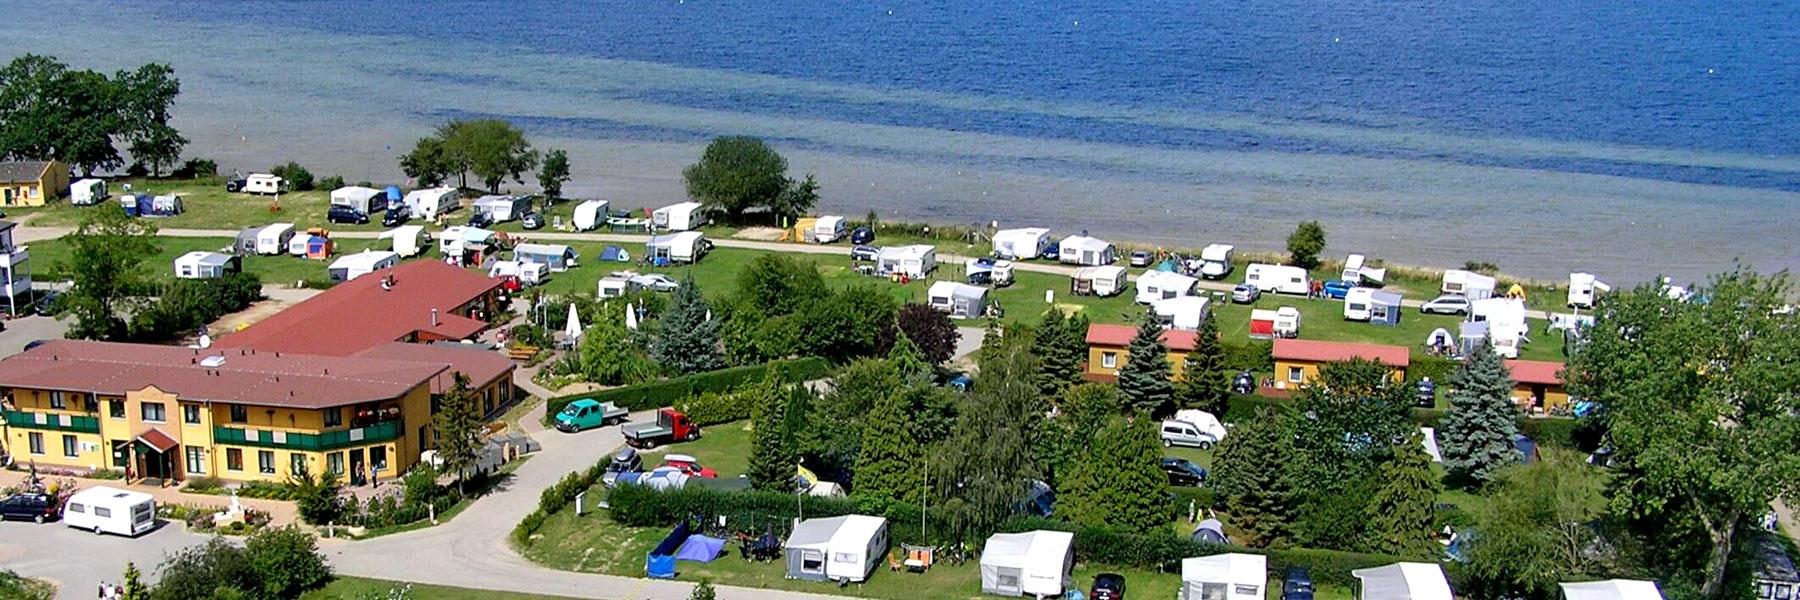 Luftbild - Ostseecamping Ferienpark Zierow KG